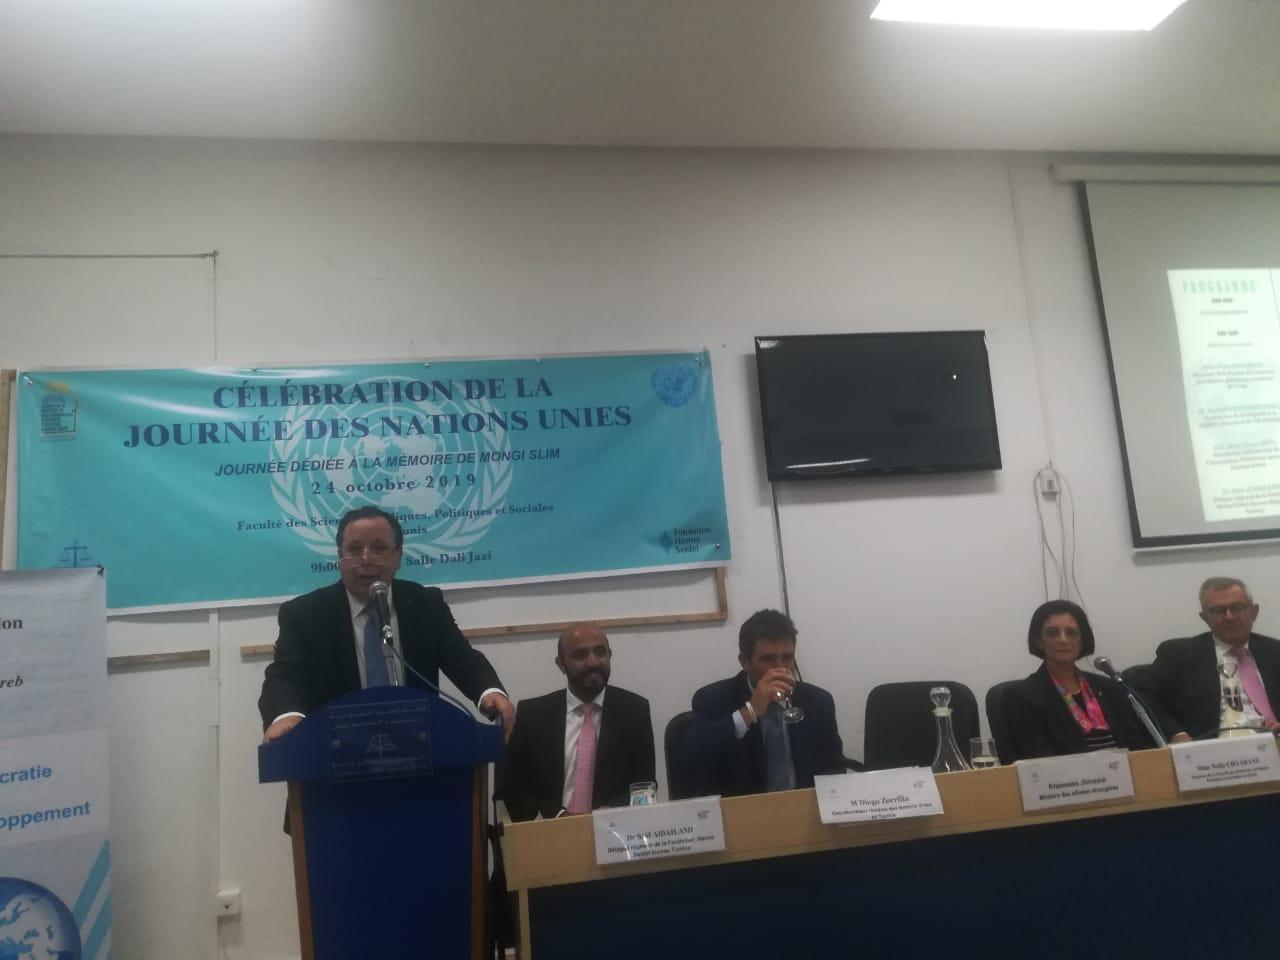 في ندوة بمناسبة الإحتفال باليوم العالمي للأمم المتحدة وزير الخارجية يستعرض أولويات تونس خلال عضويتها في مجلس الأمن الدولي: